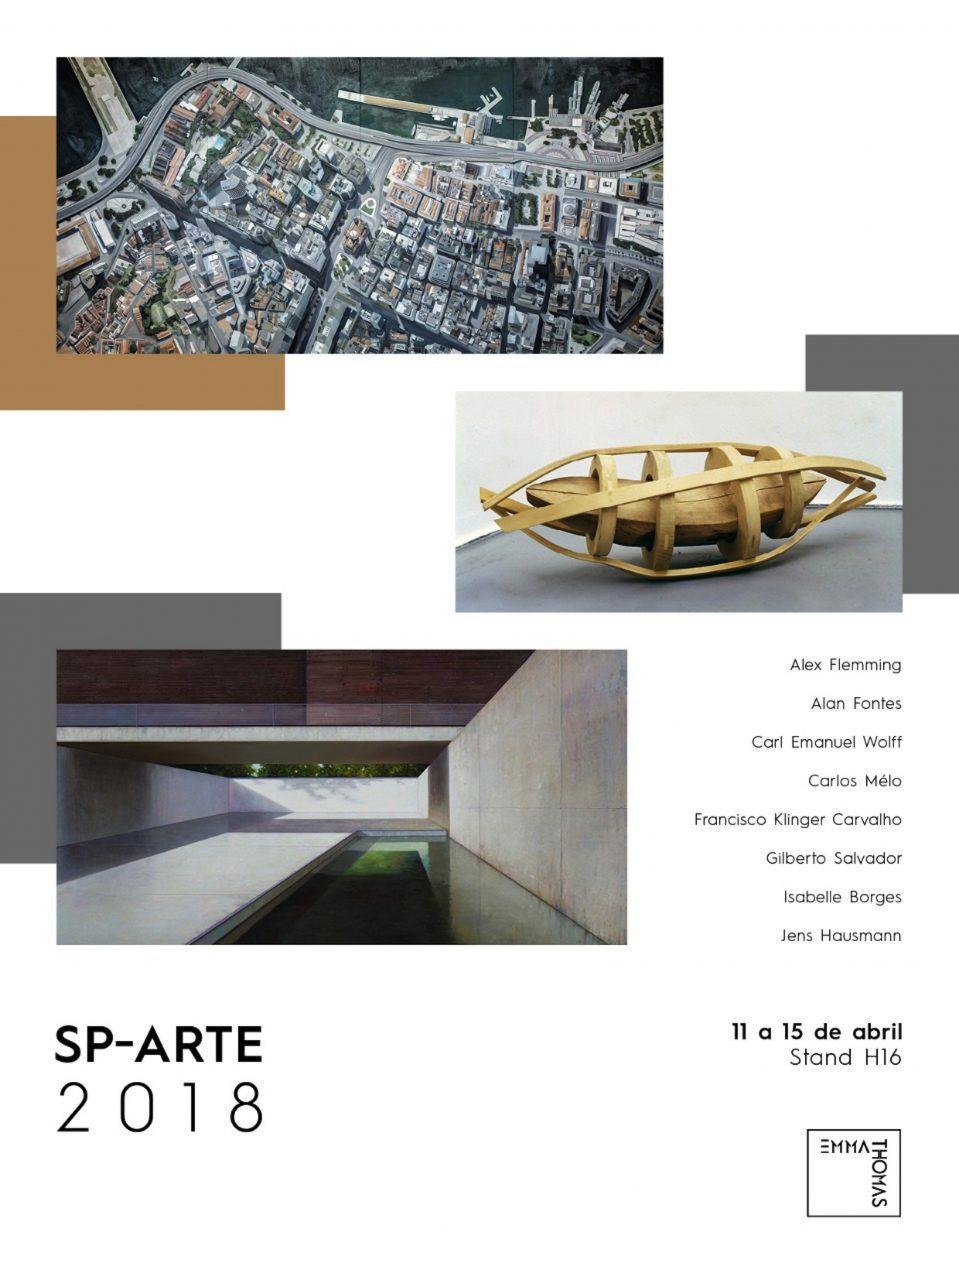 SP-ARTE international art fair